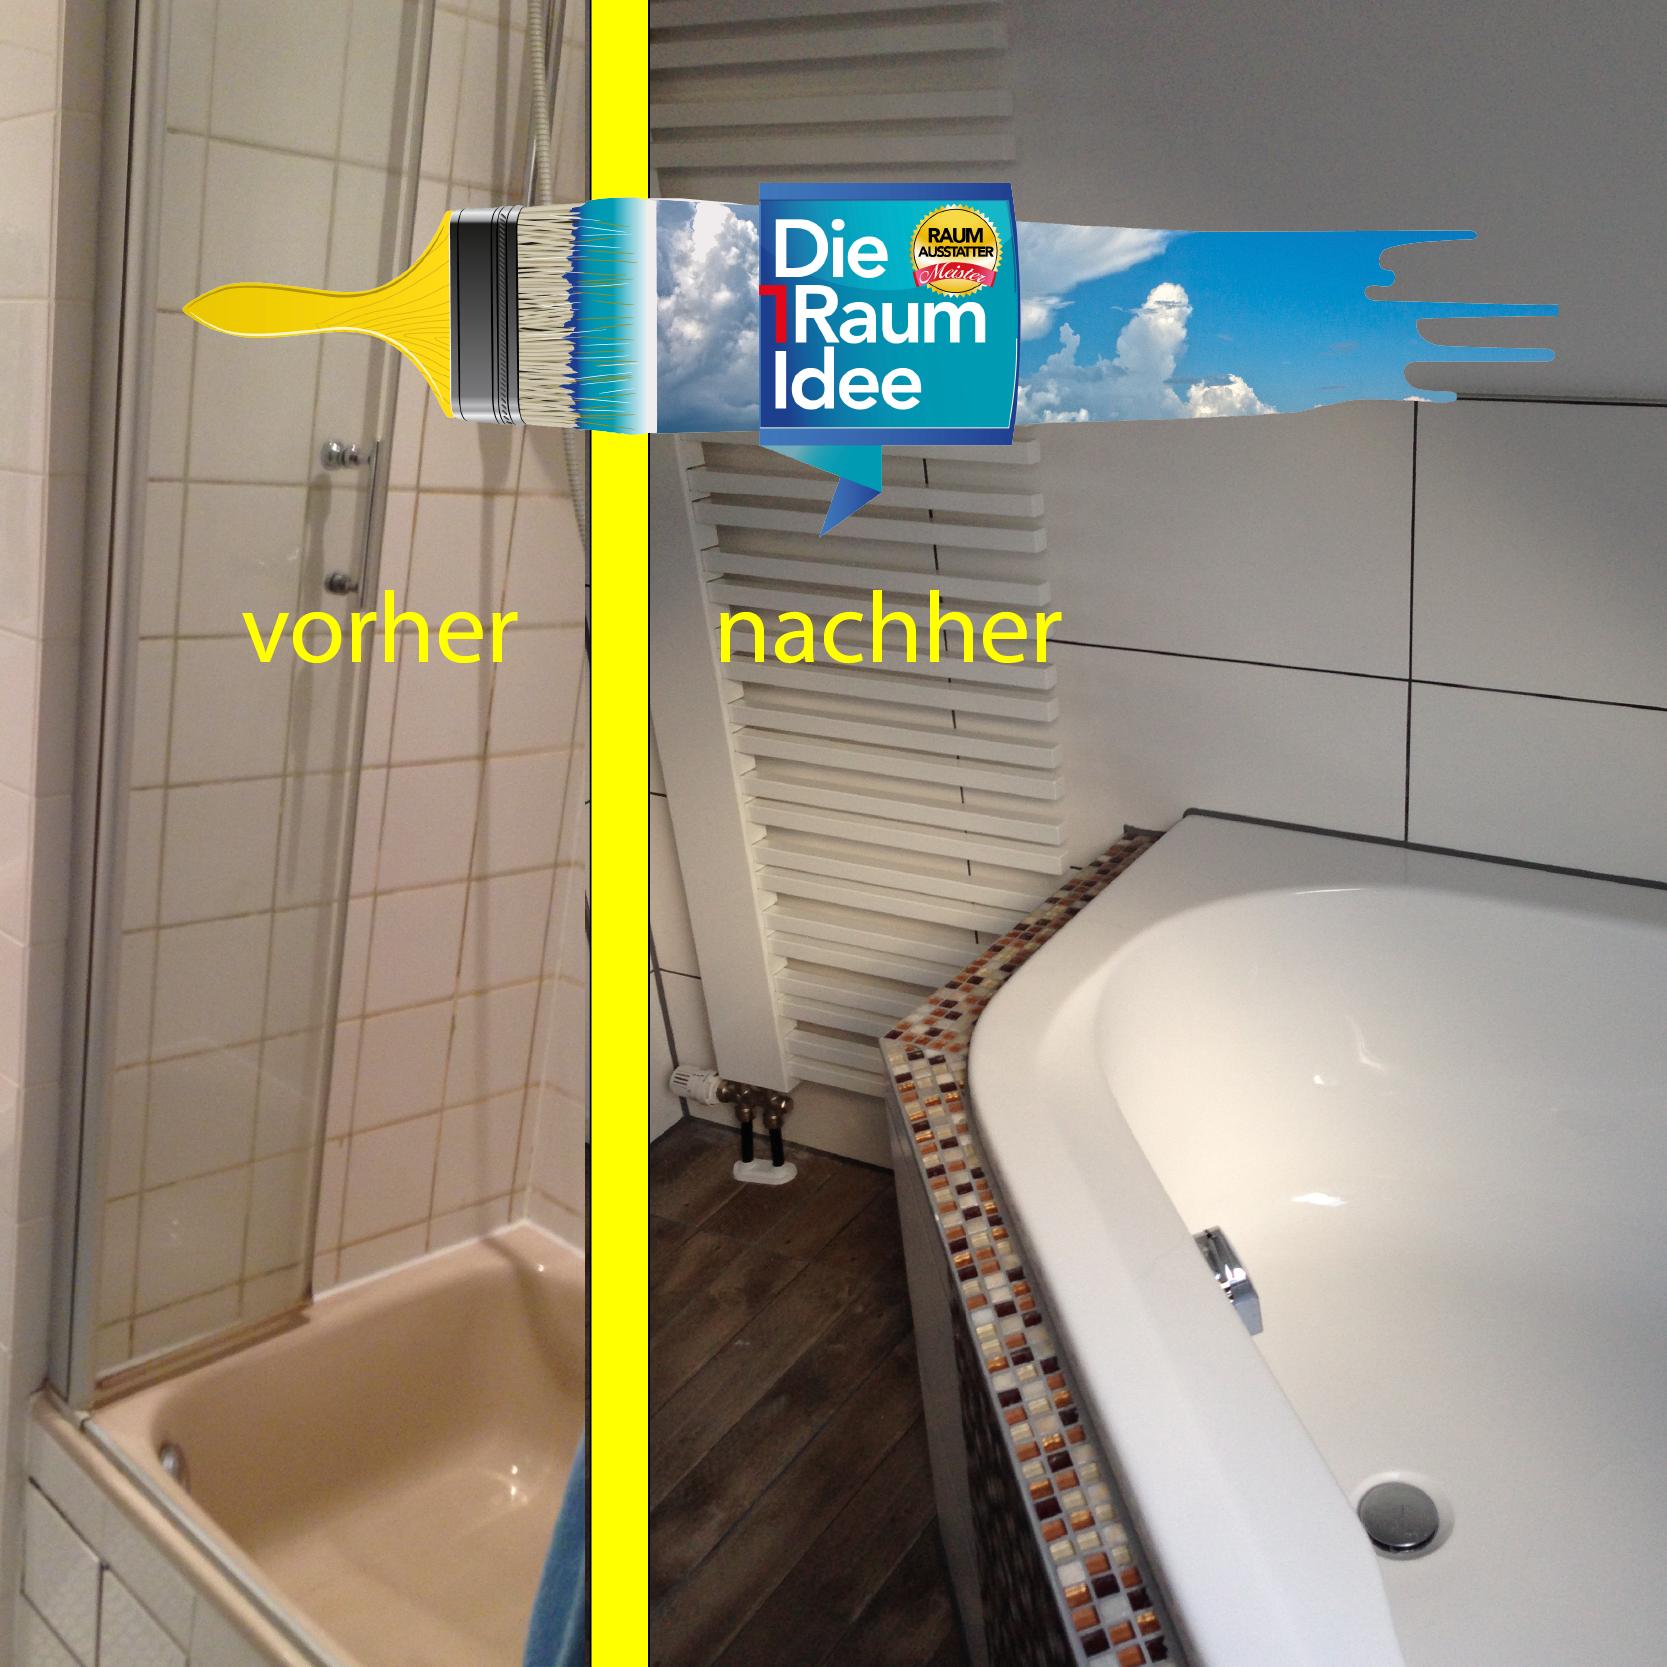 die traum idee die raumausstattermeister in frankfurt und. Black Bedroom Furniture Sets. Home Design Ideas